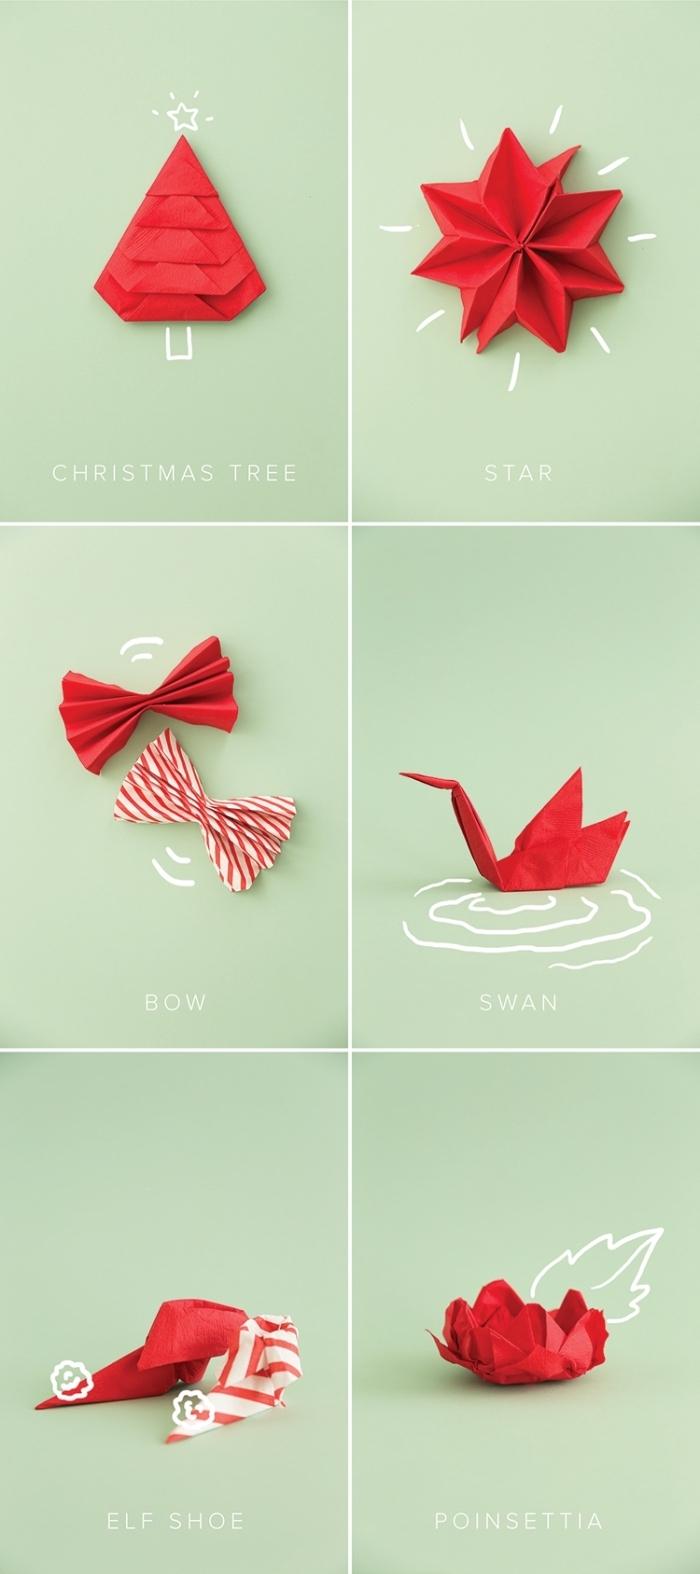 technique facile de pliage serviette papier, figurines origami pour faire une déco de table Noel originale et facile